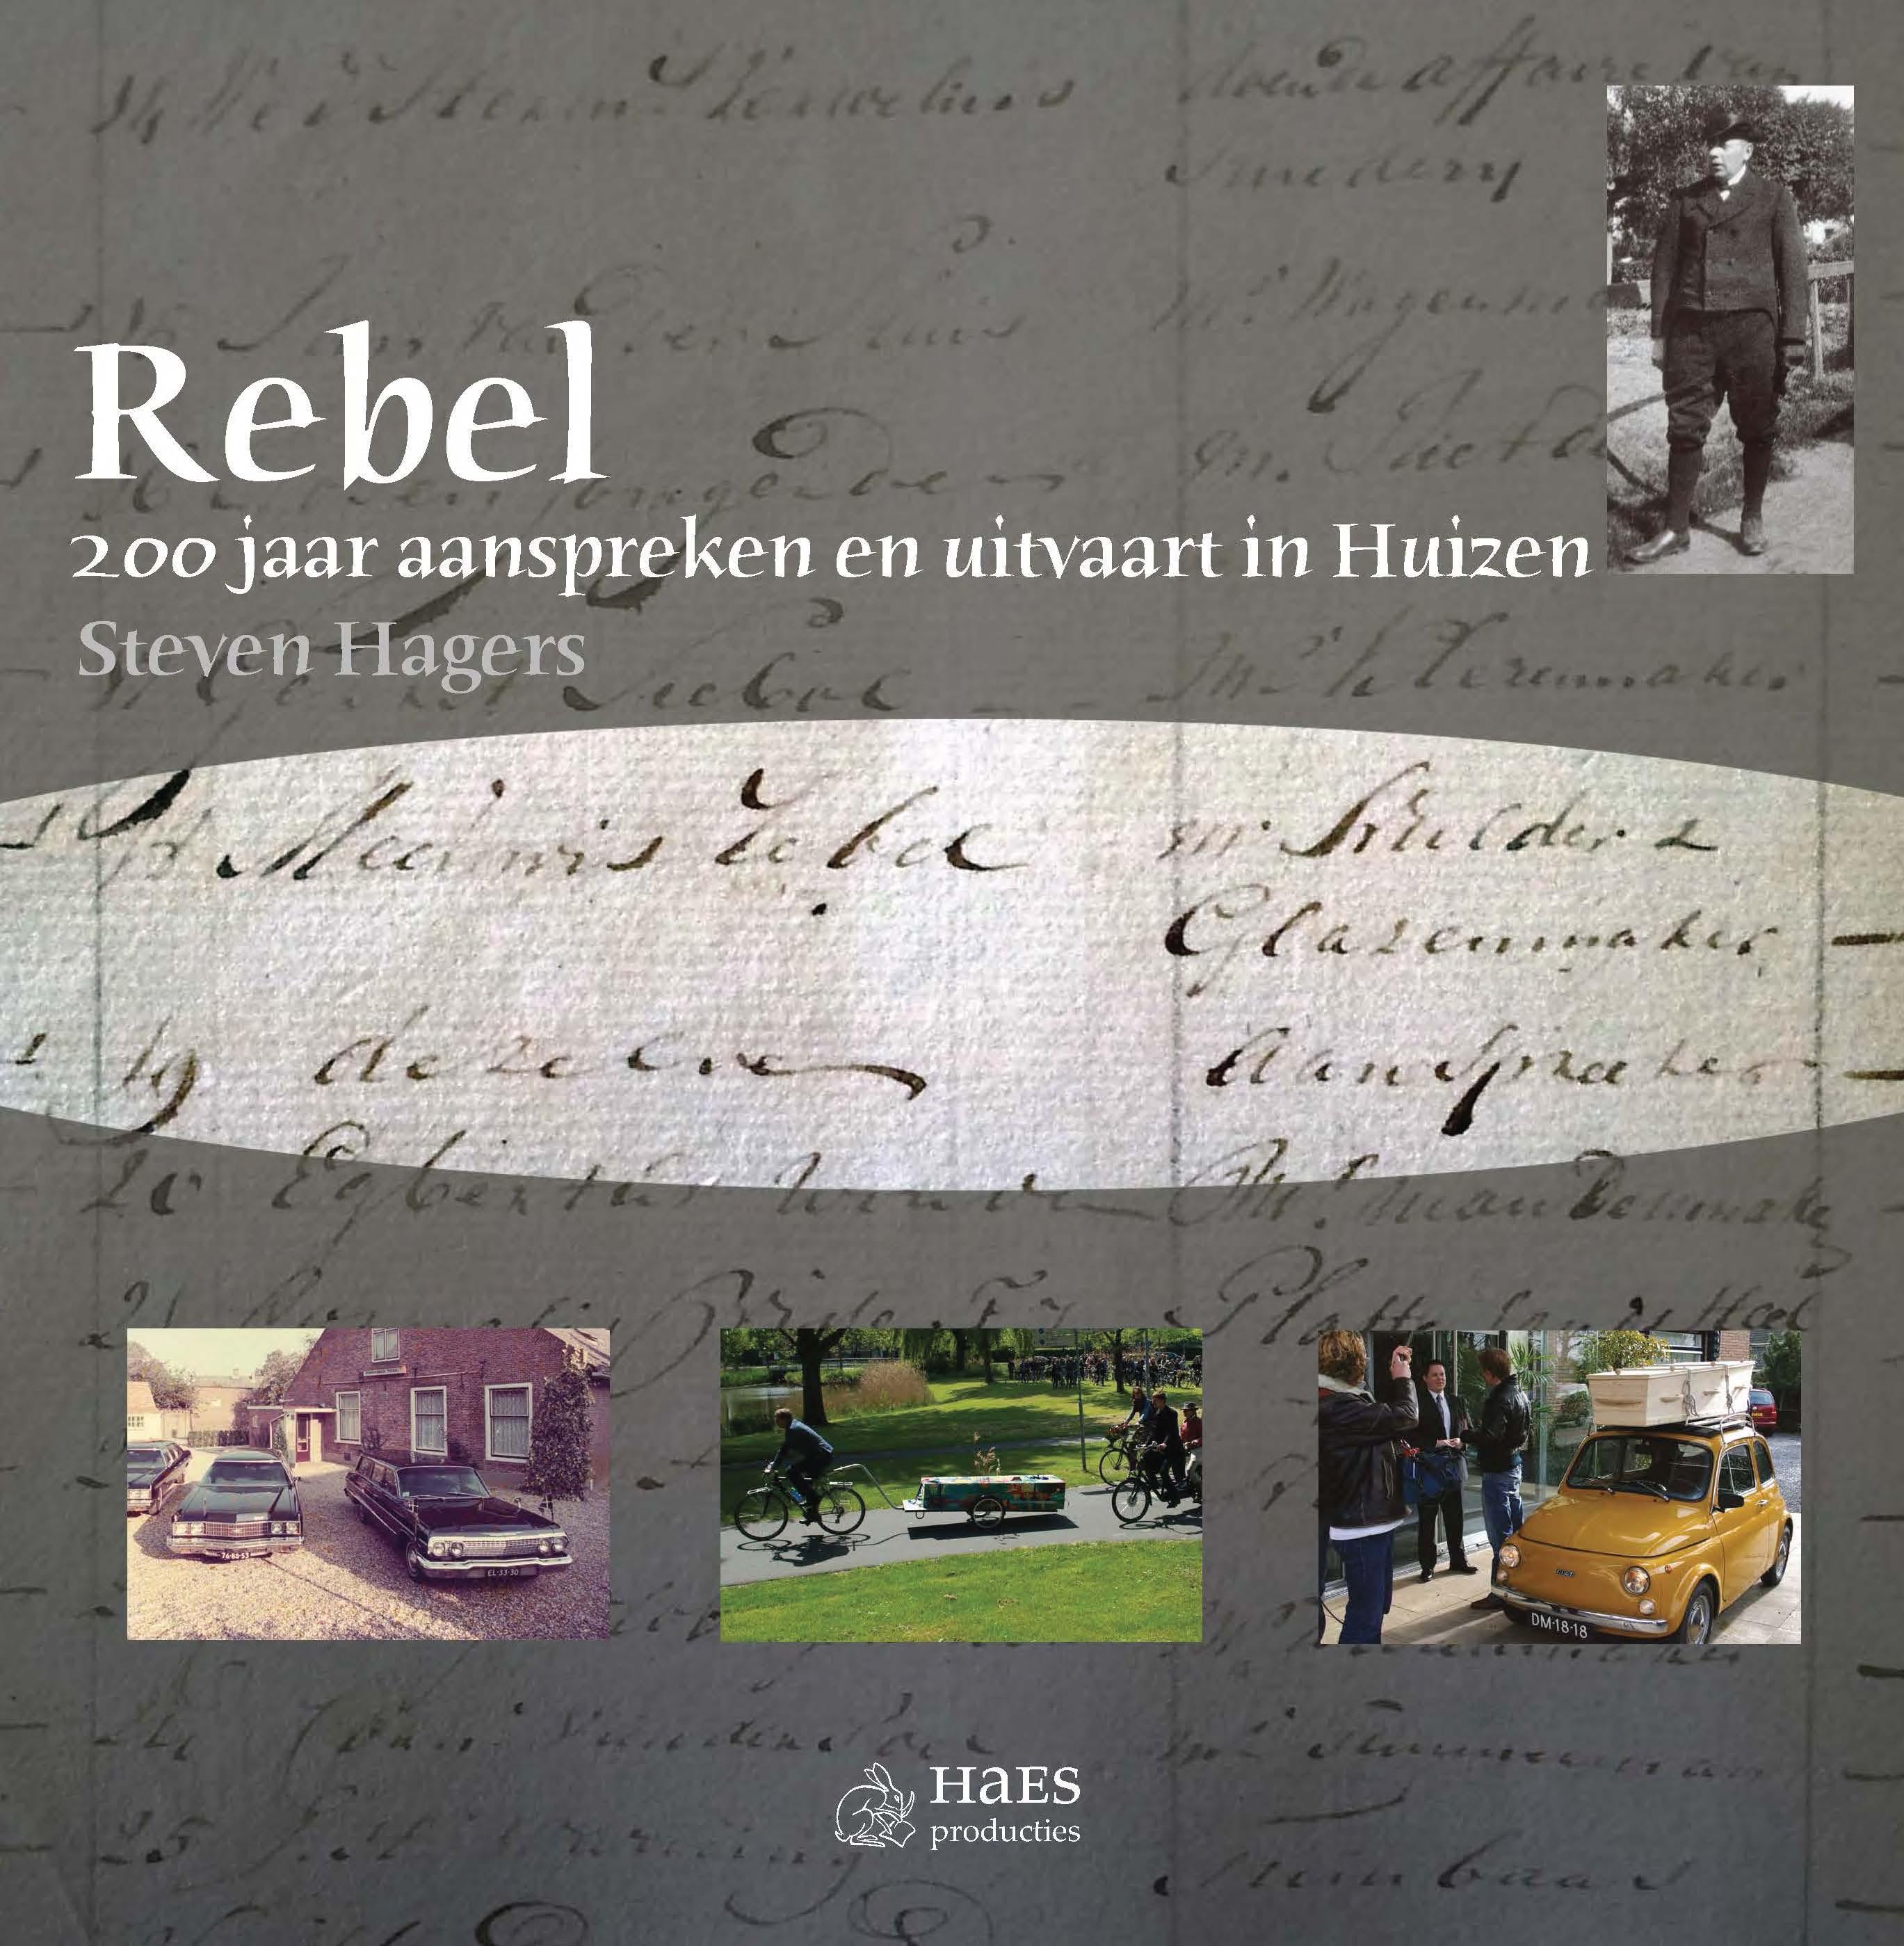 Rebelboek omslag